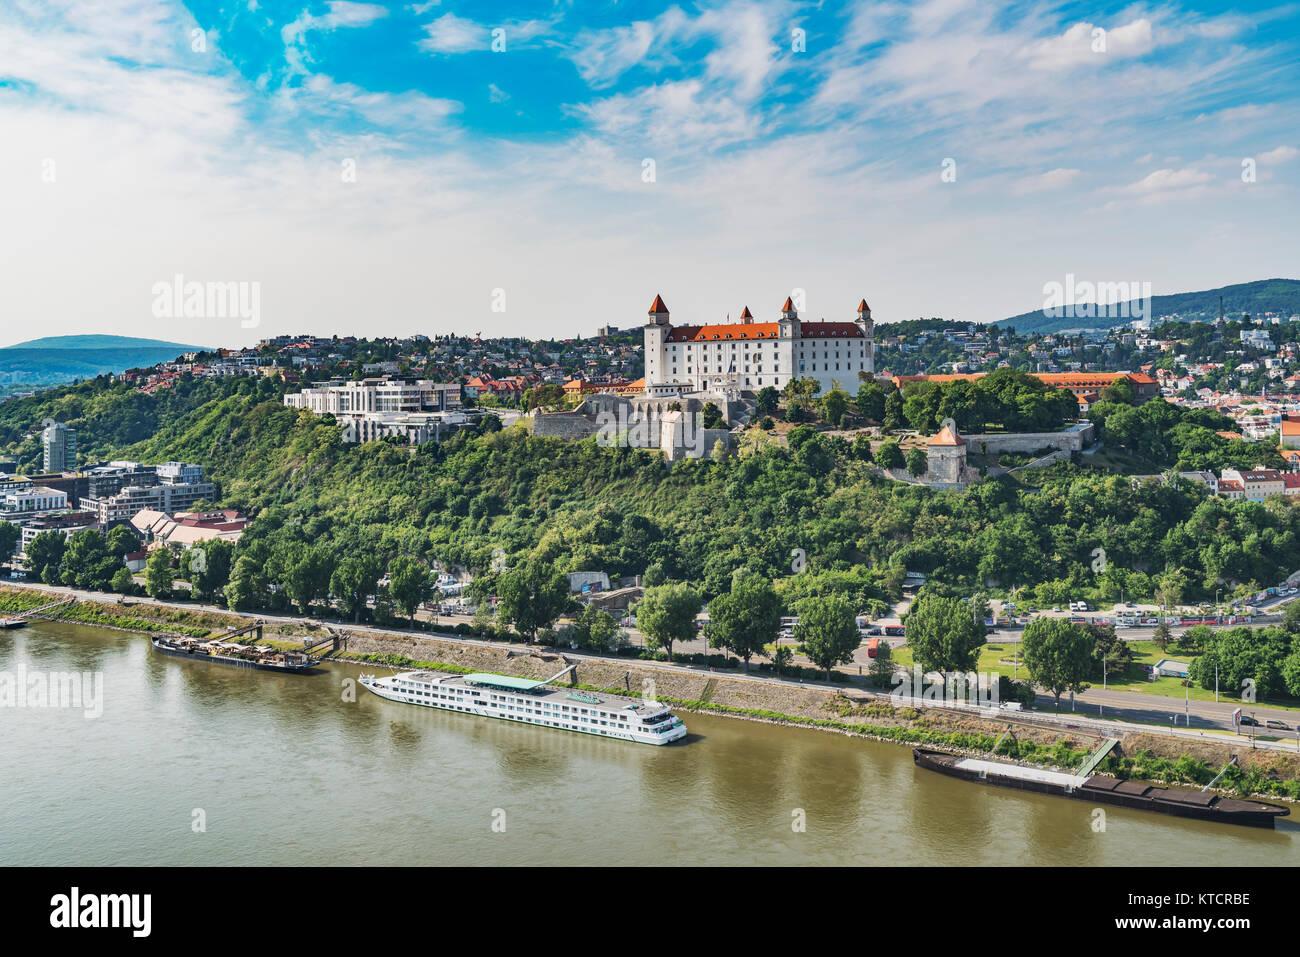 View over the river Danube to Bratislava Castle in Bratislava, capital of Slovakia in Europe - Stock Image